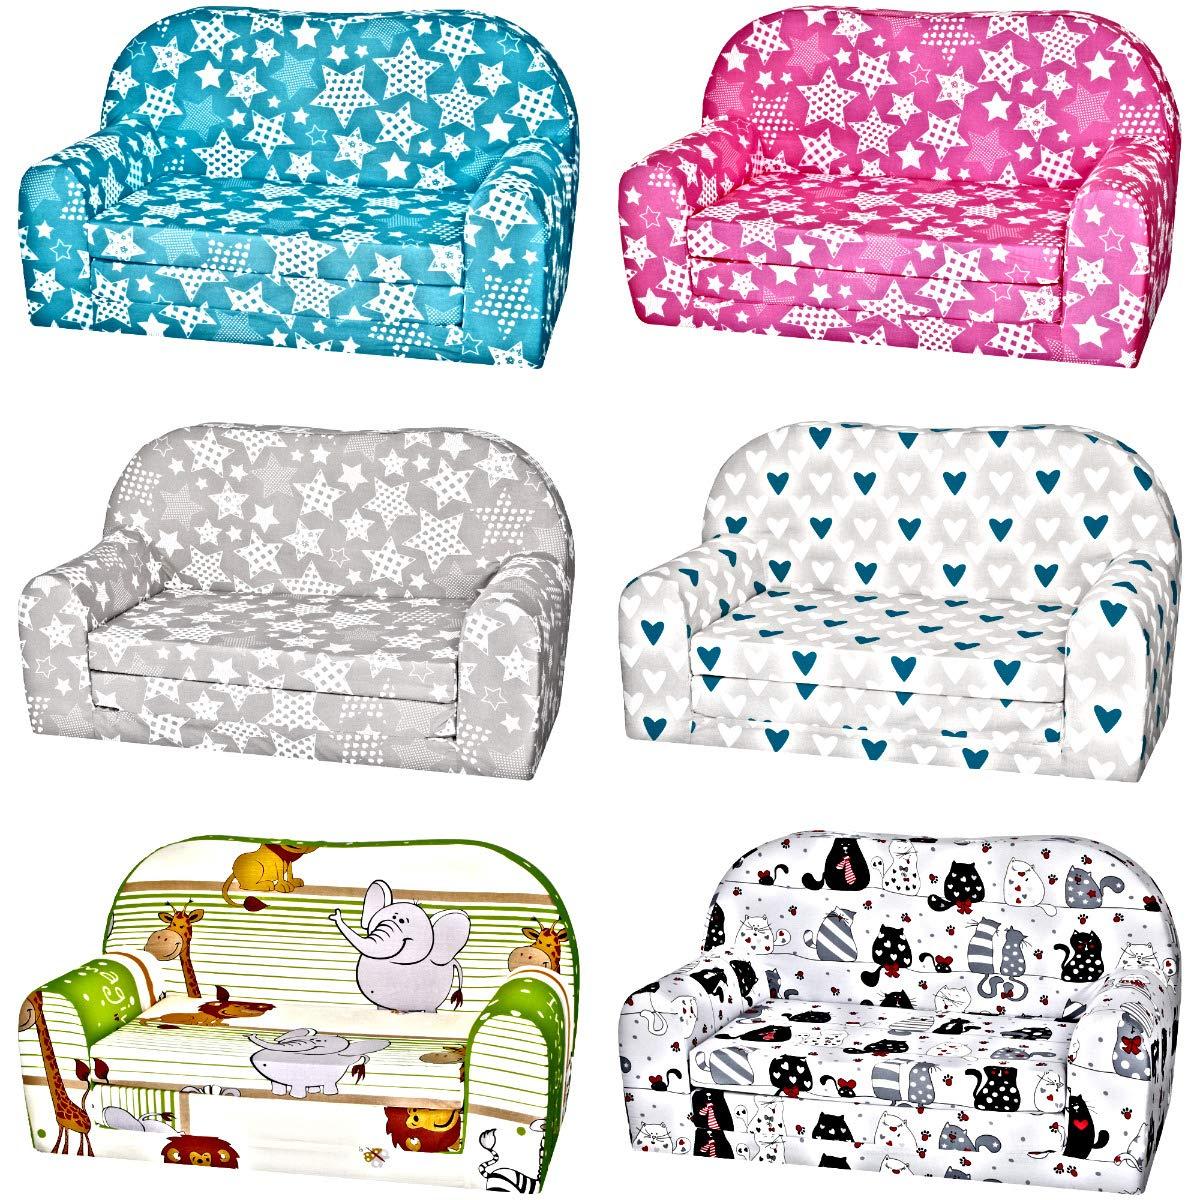 Kindersofa Kindersessel Minisofa Klappsofa Kindercouch Baumwolle Modell 1